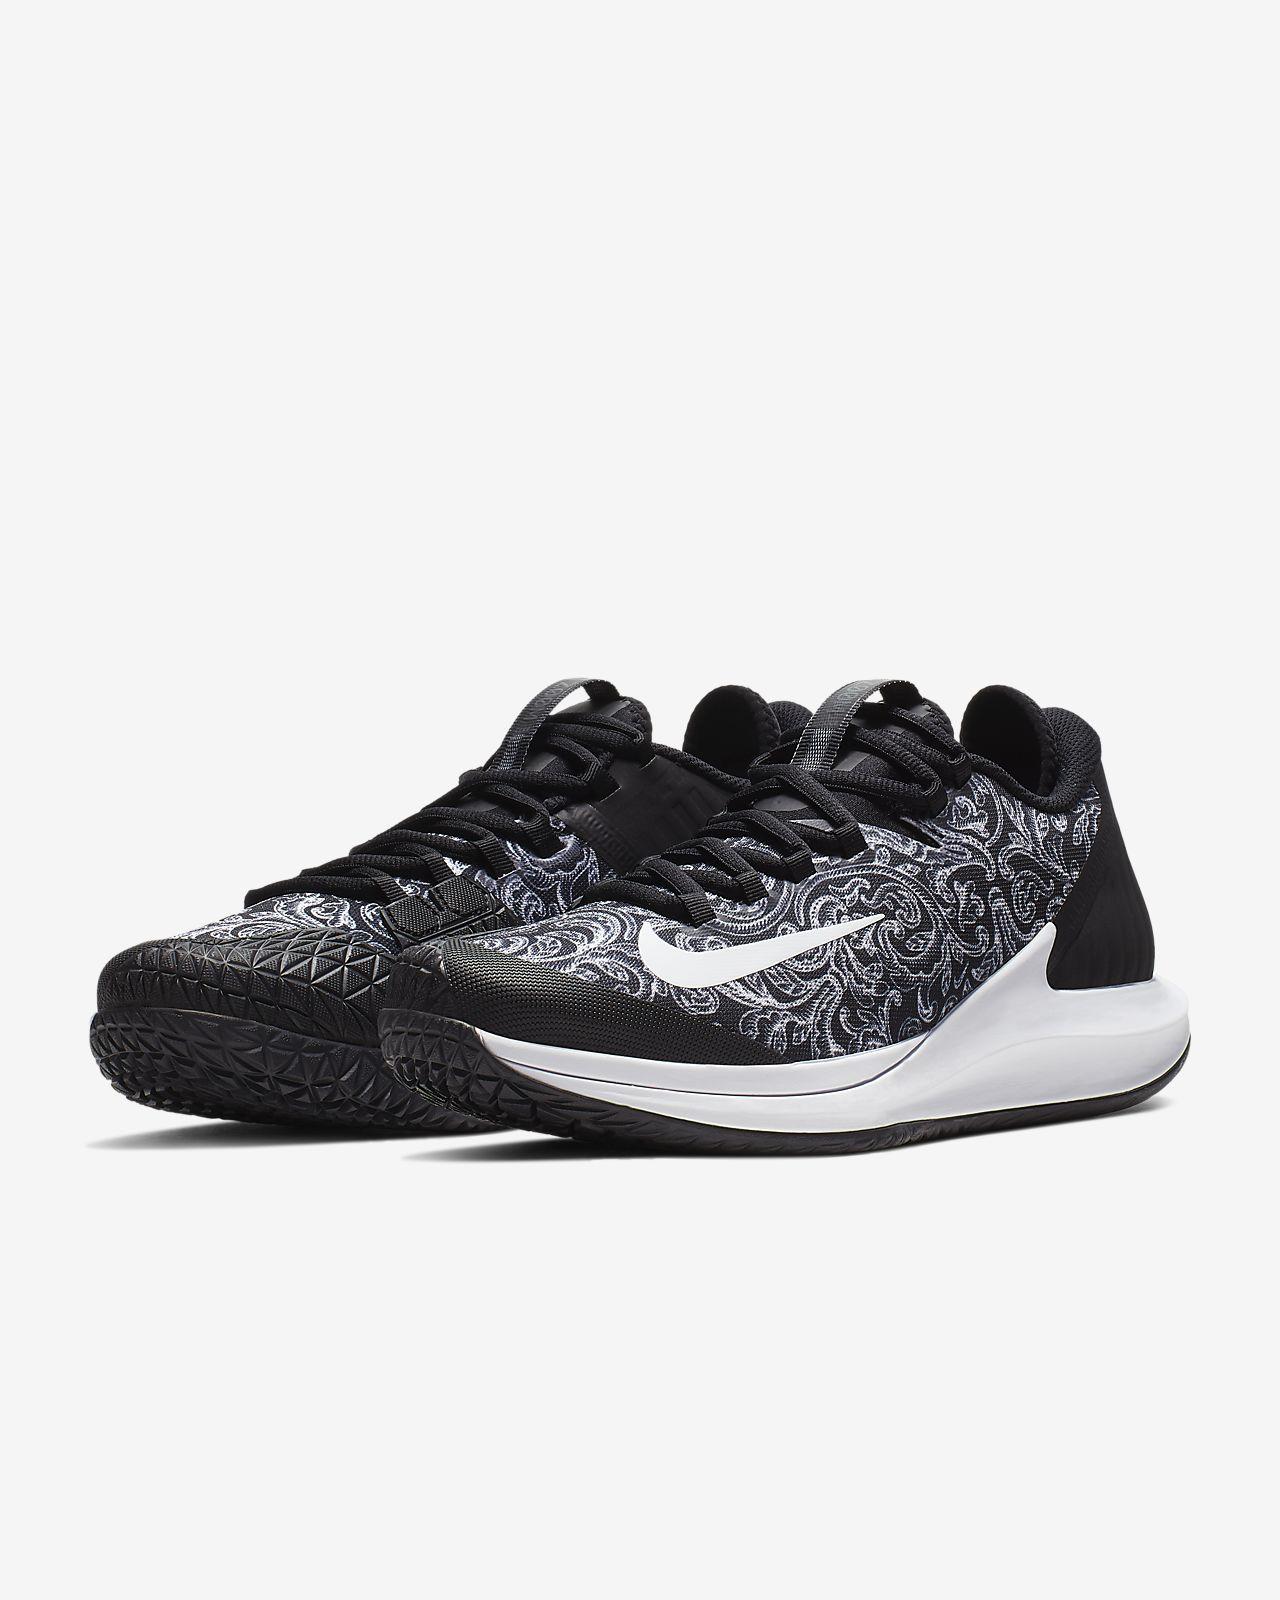 cheaper 452e9 5aac6 ... Tennissko NikeCourt Air Zoom Zero för män